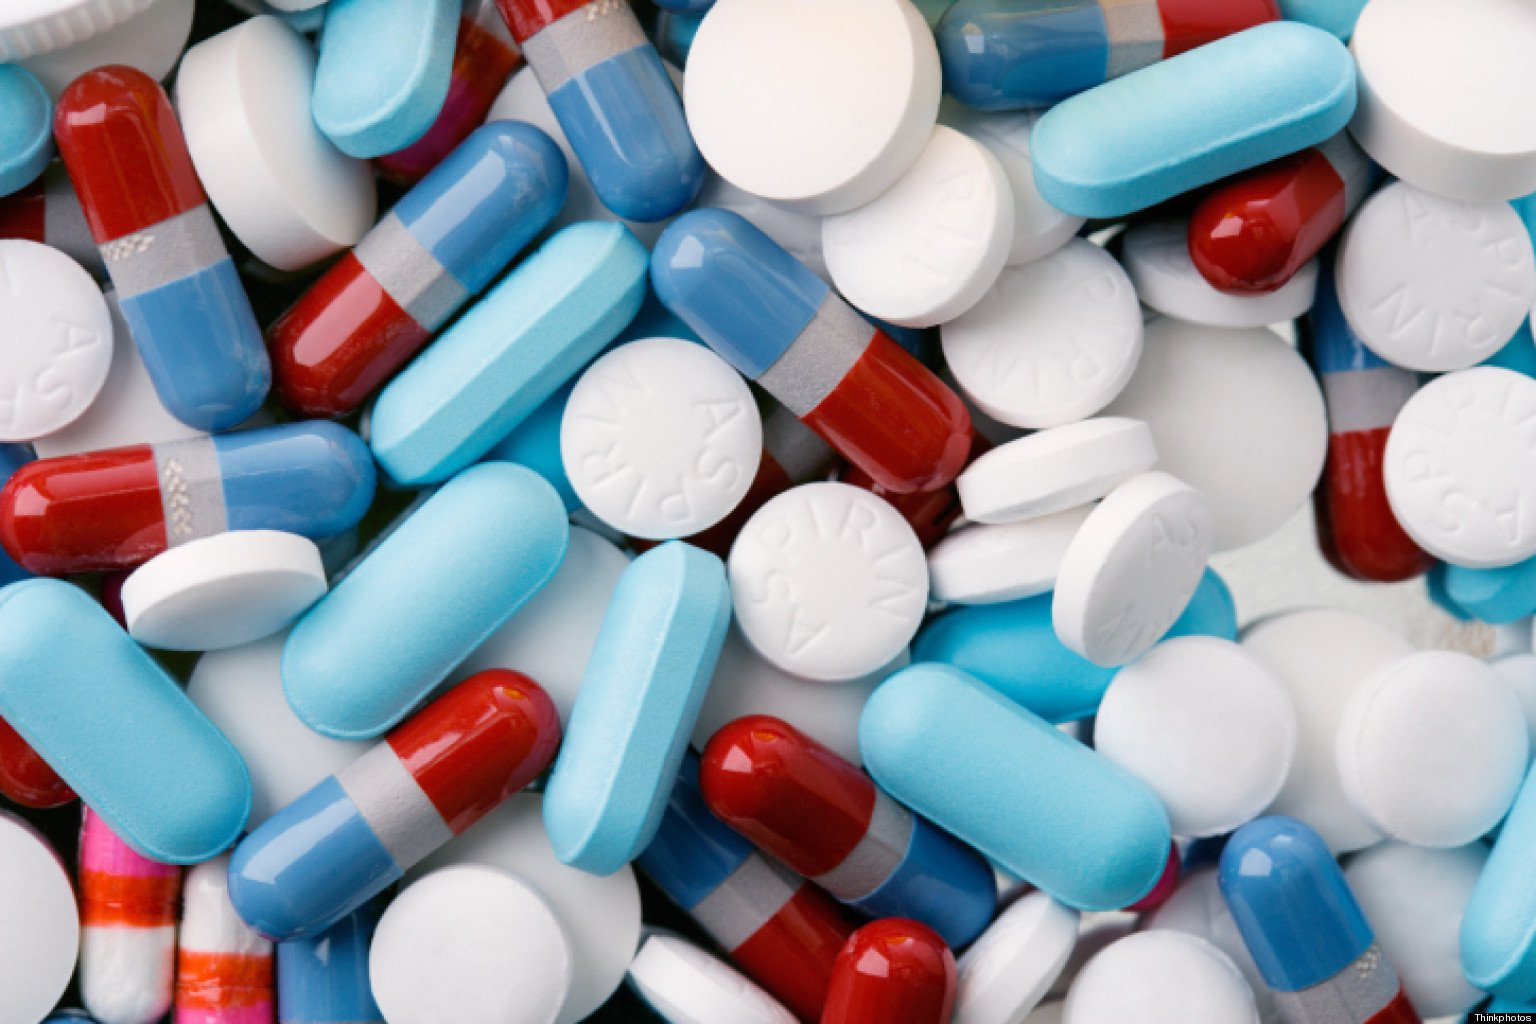 pillole per allungamento del pene